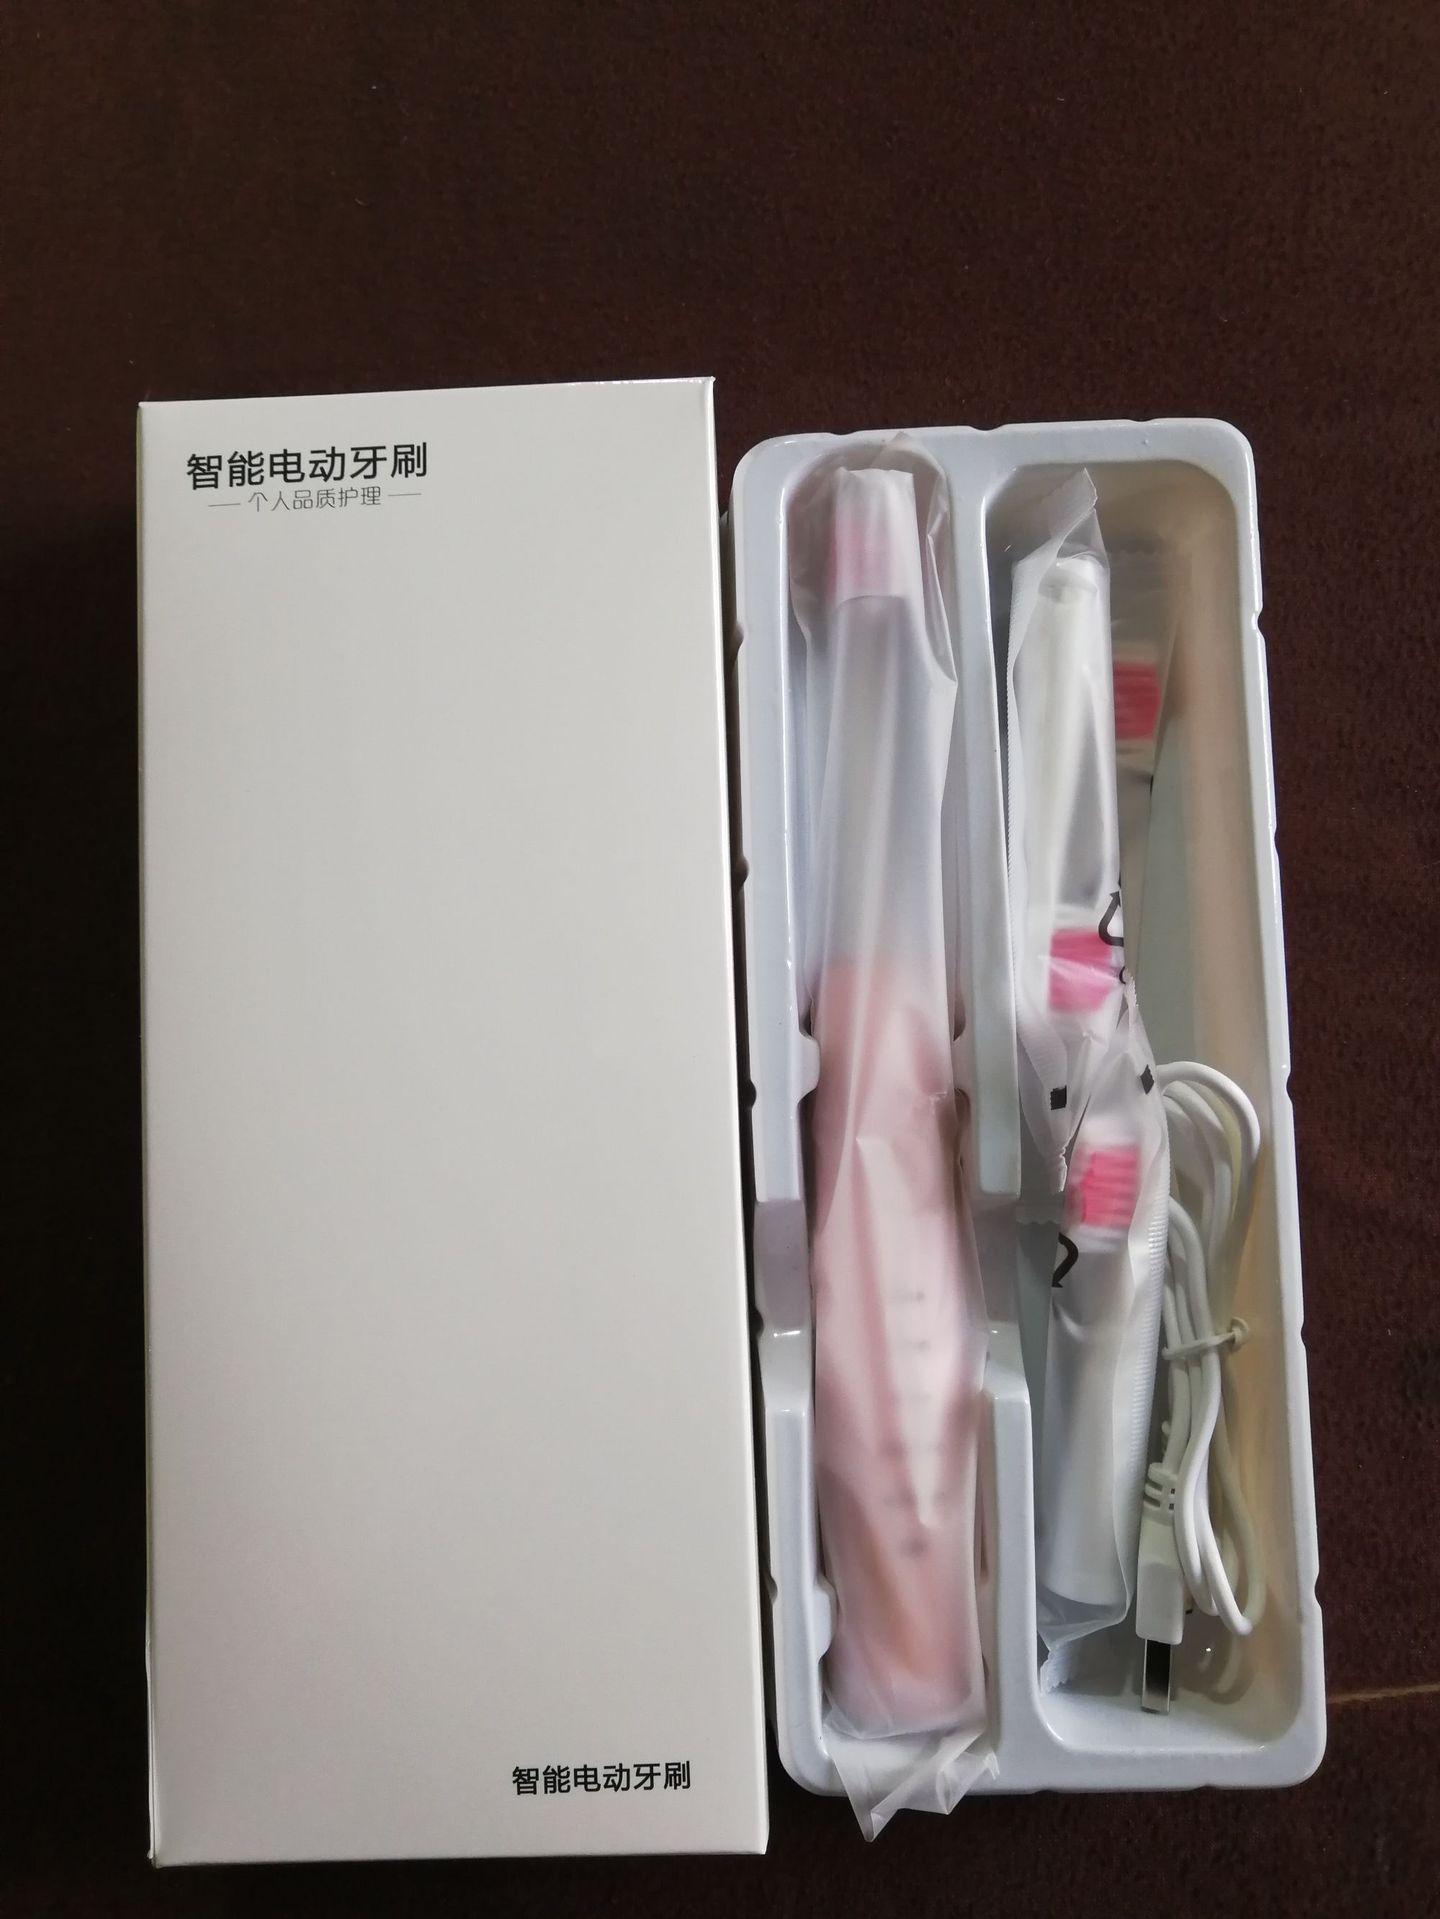 de dentes Sónica Recarregável USB Atualizado 4 pele macia escovas